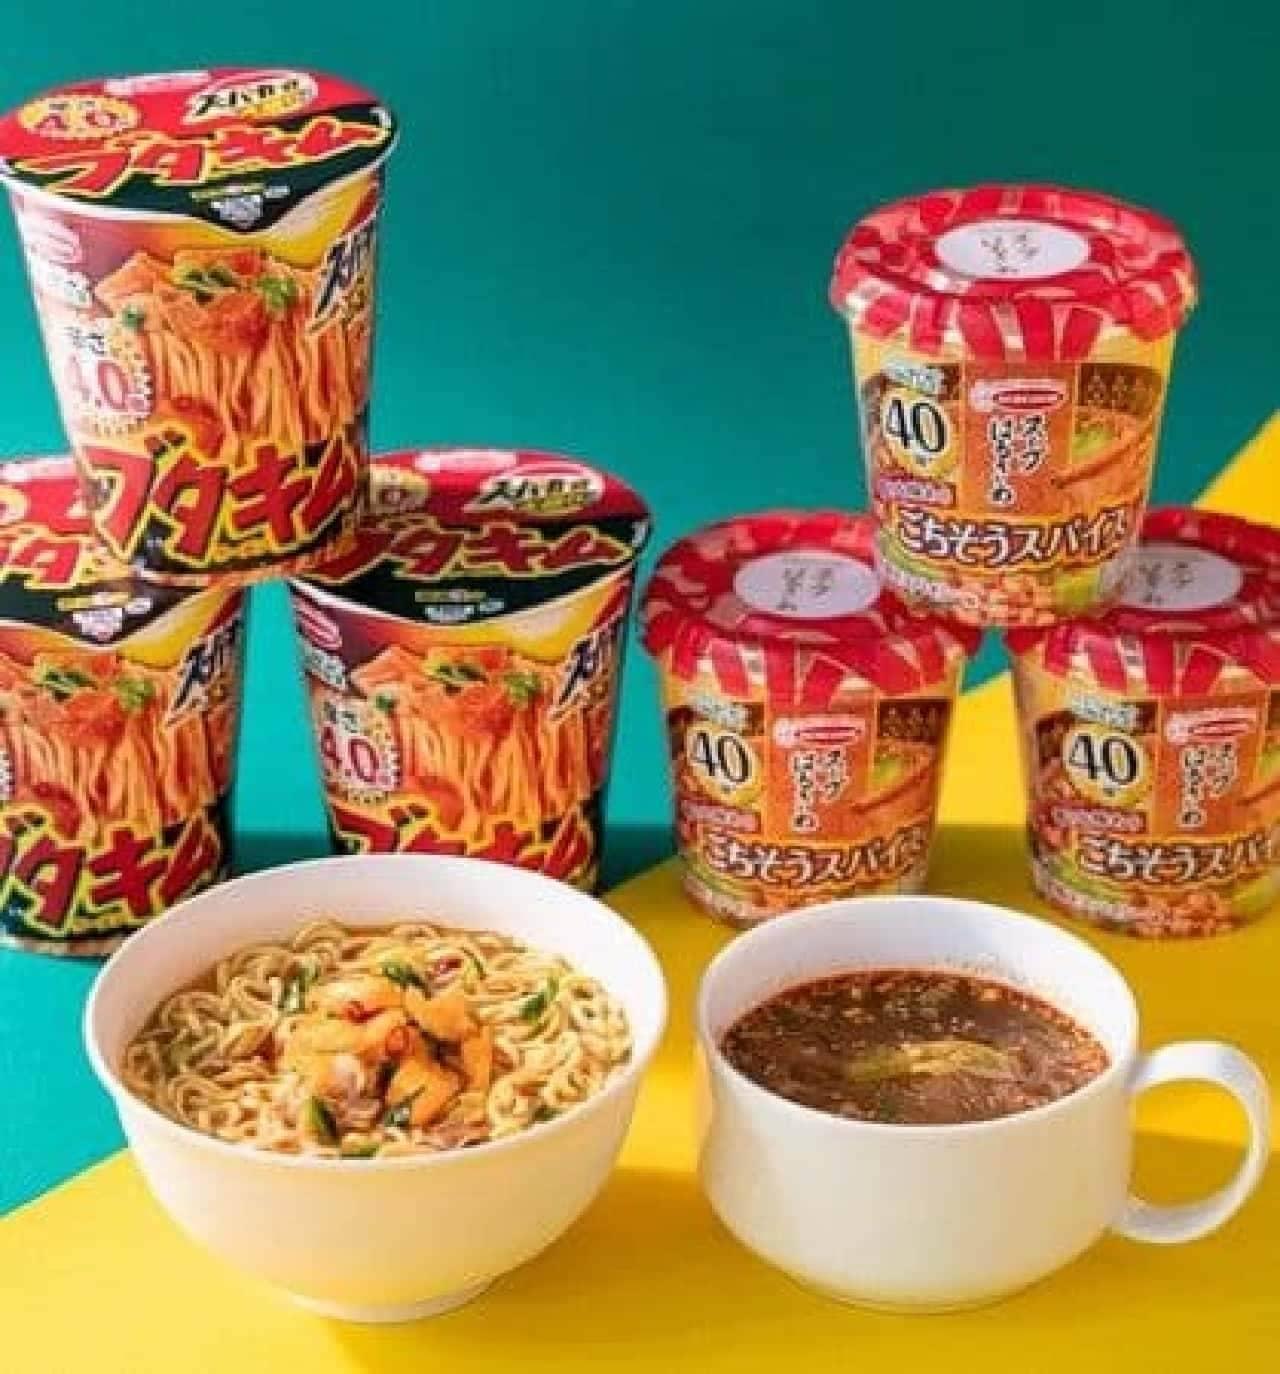 ファミリーマート「スーパーカップ大盛り ブタキムラーメン辛さ4.0倍」「スープはるさめ 40種 香りを味わうごちそうスパイス」